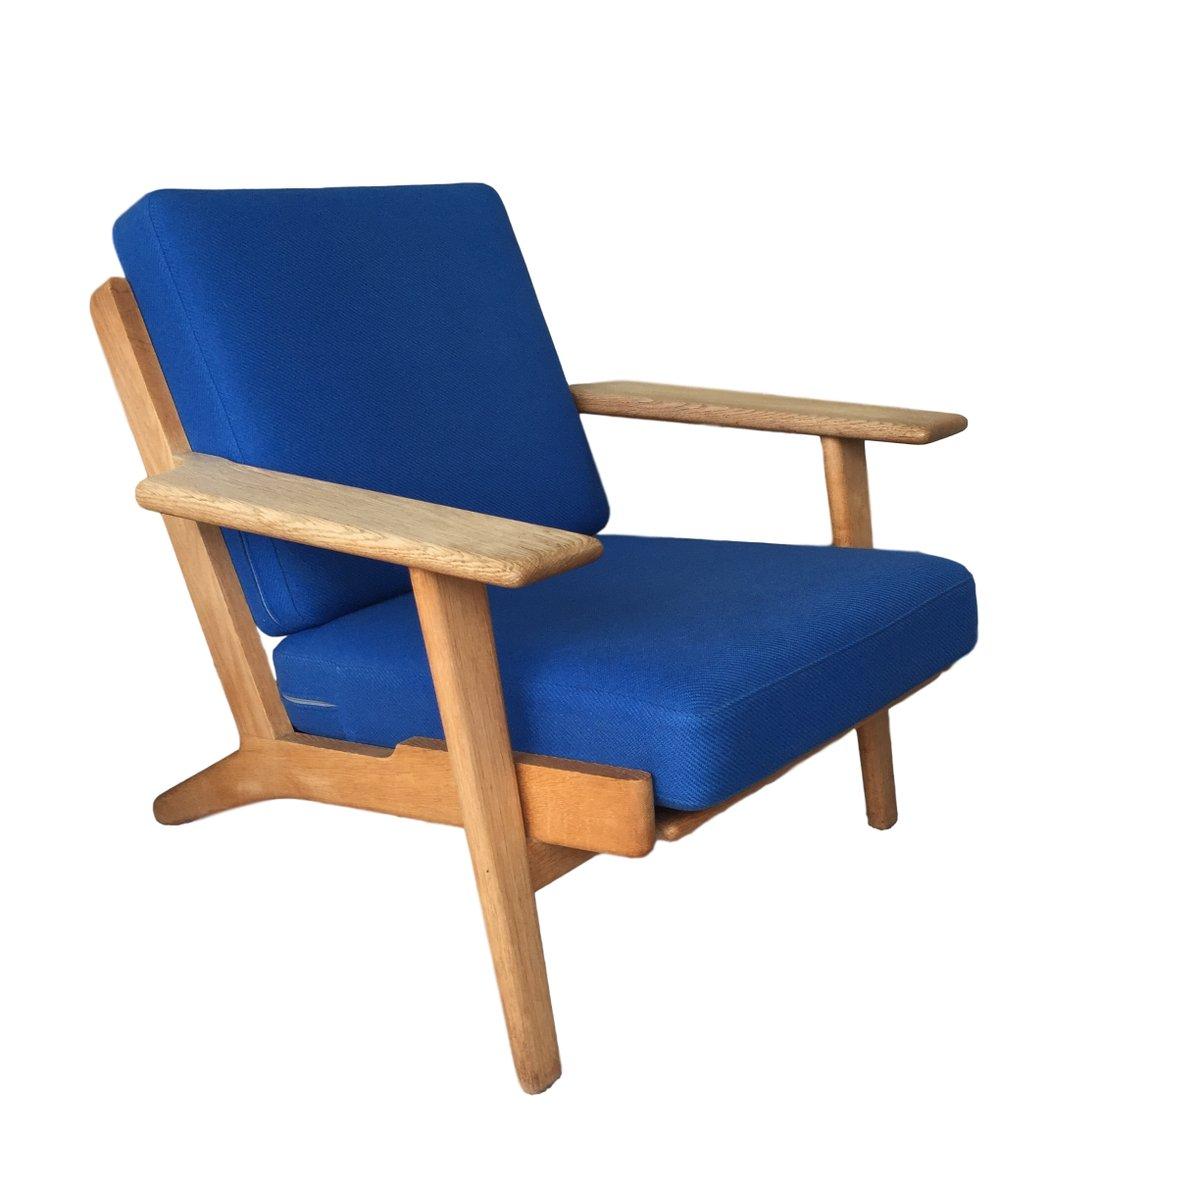 GE 290 Plank Sessel aus Eichenholz von Hans J. Wegner für Getama, 1950...